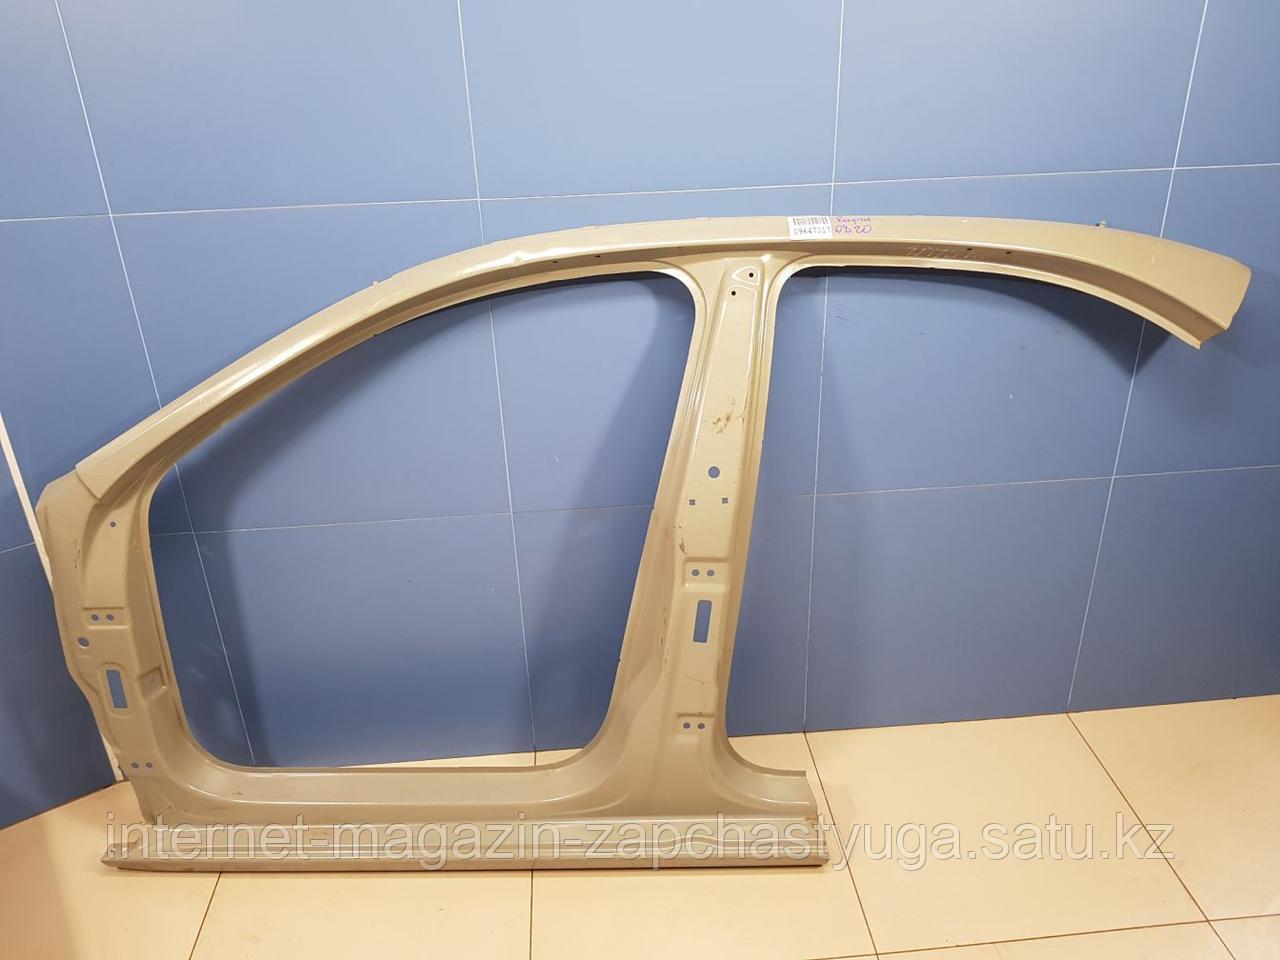 5JH809605 Боковина кузова левая для Skoda Rapid 2013- Б/У - фото 1